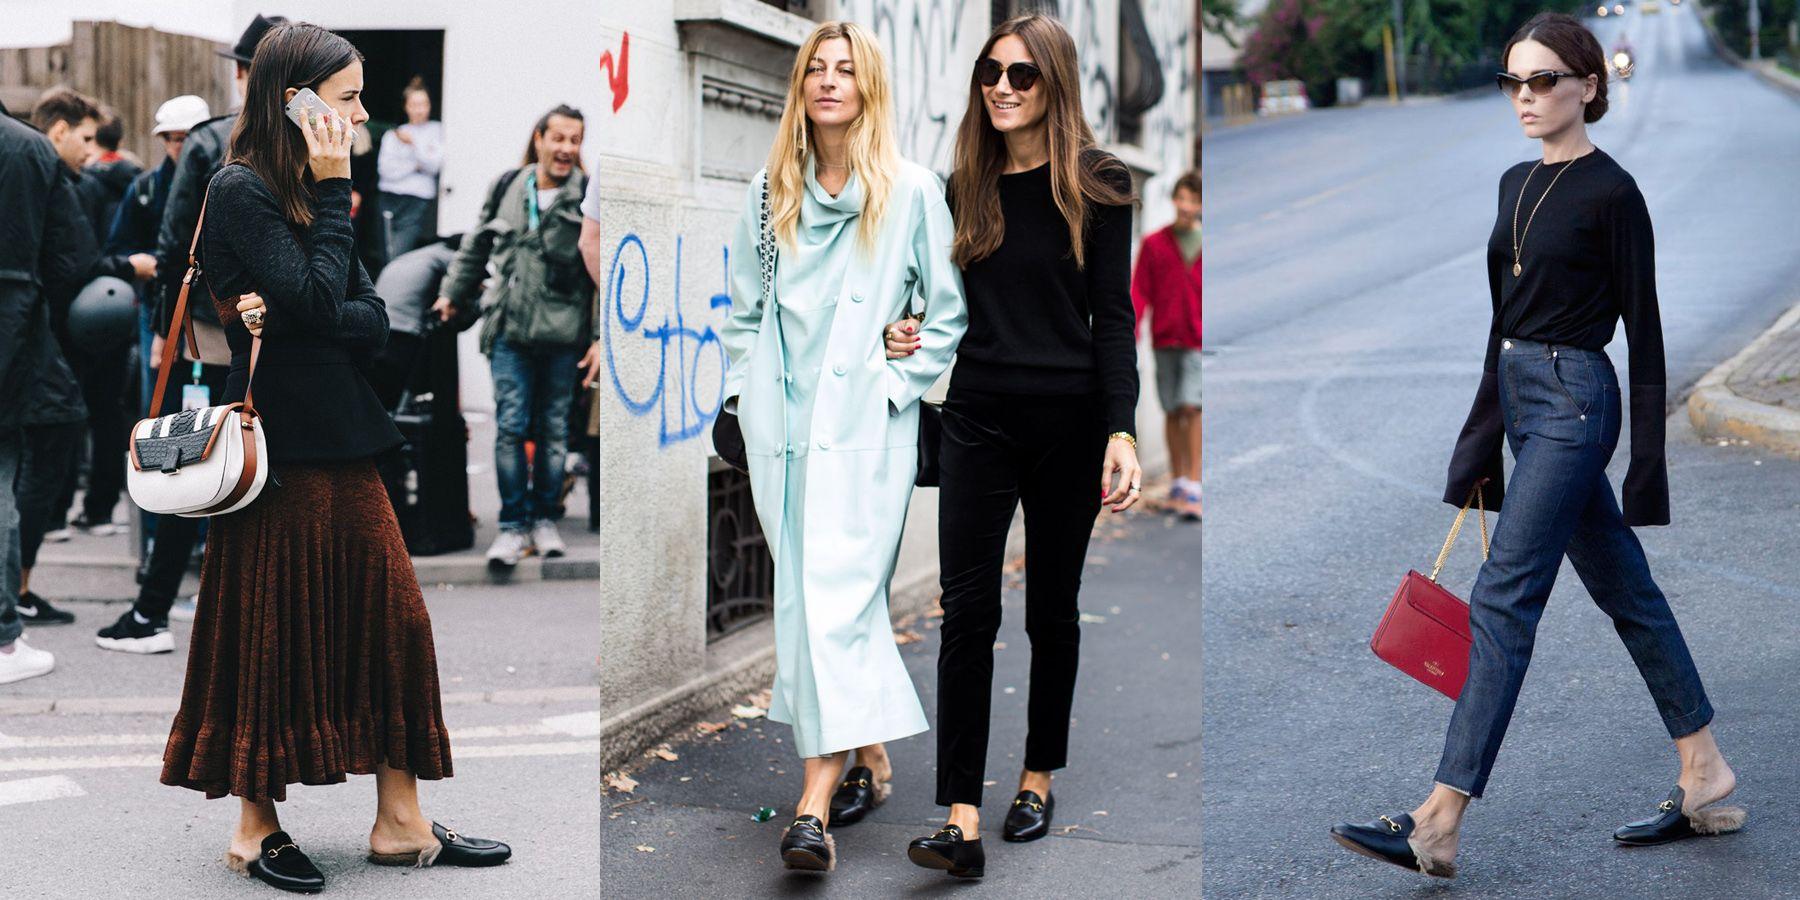 Fashion Items Yang Jadi Tren Di Kalangan Street Style Di Tahun 2016